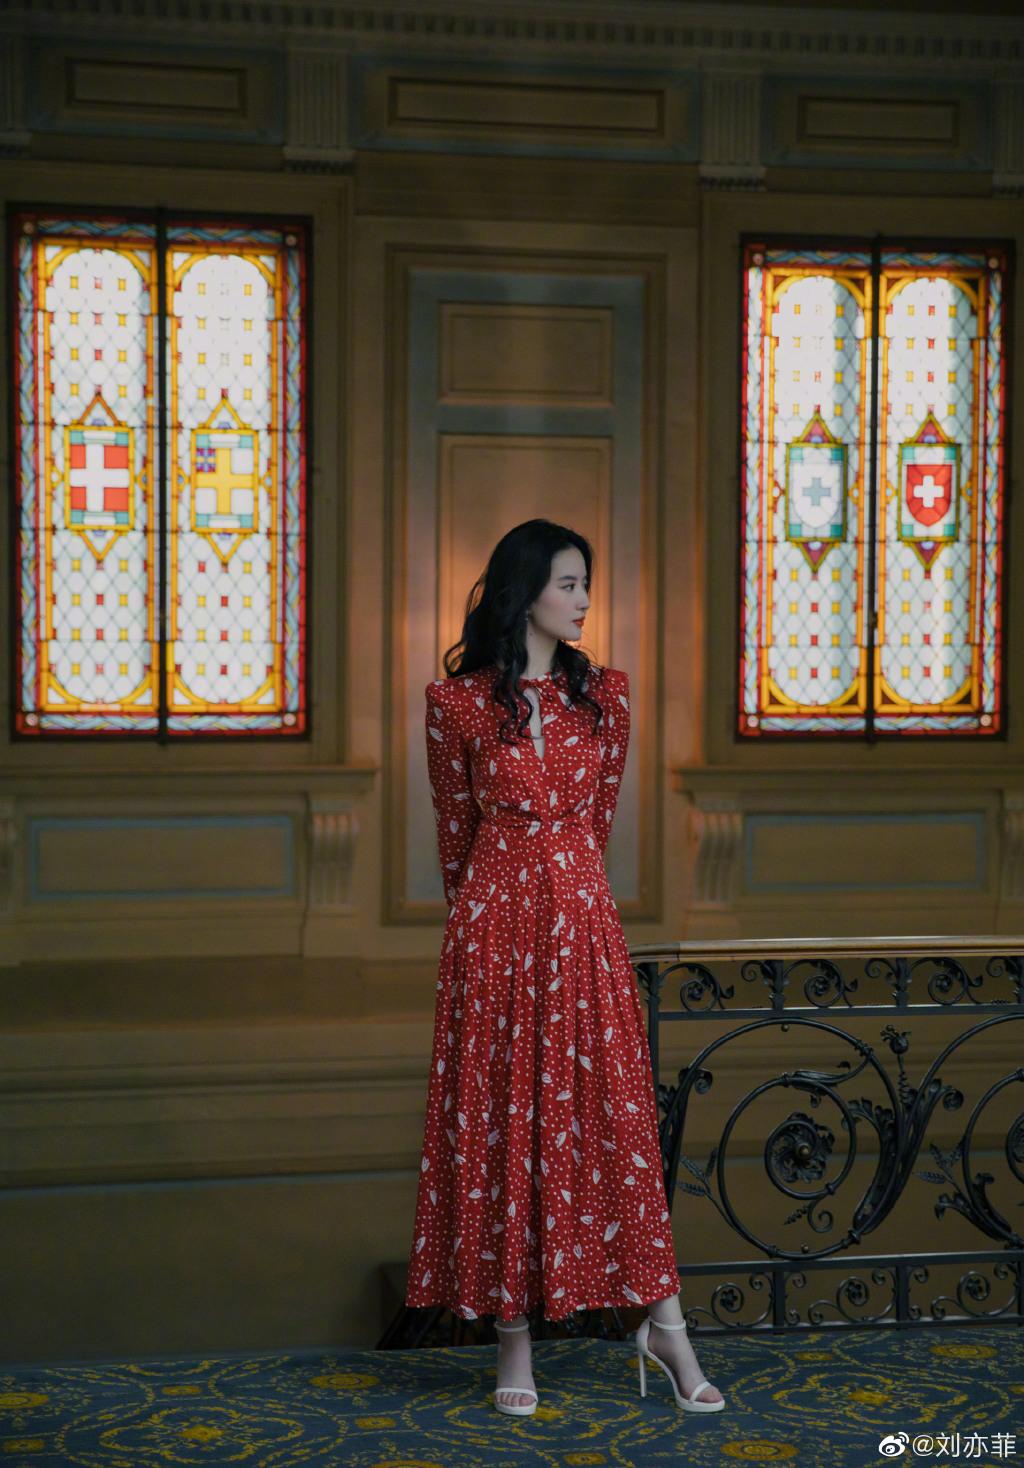 来一发 刘亦菲演绎仙女落泪 神仙姐姐的保养经来一发